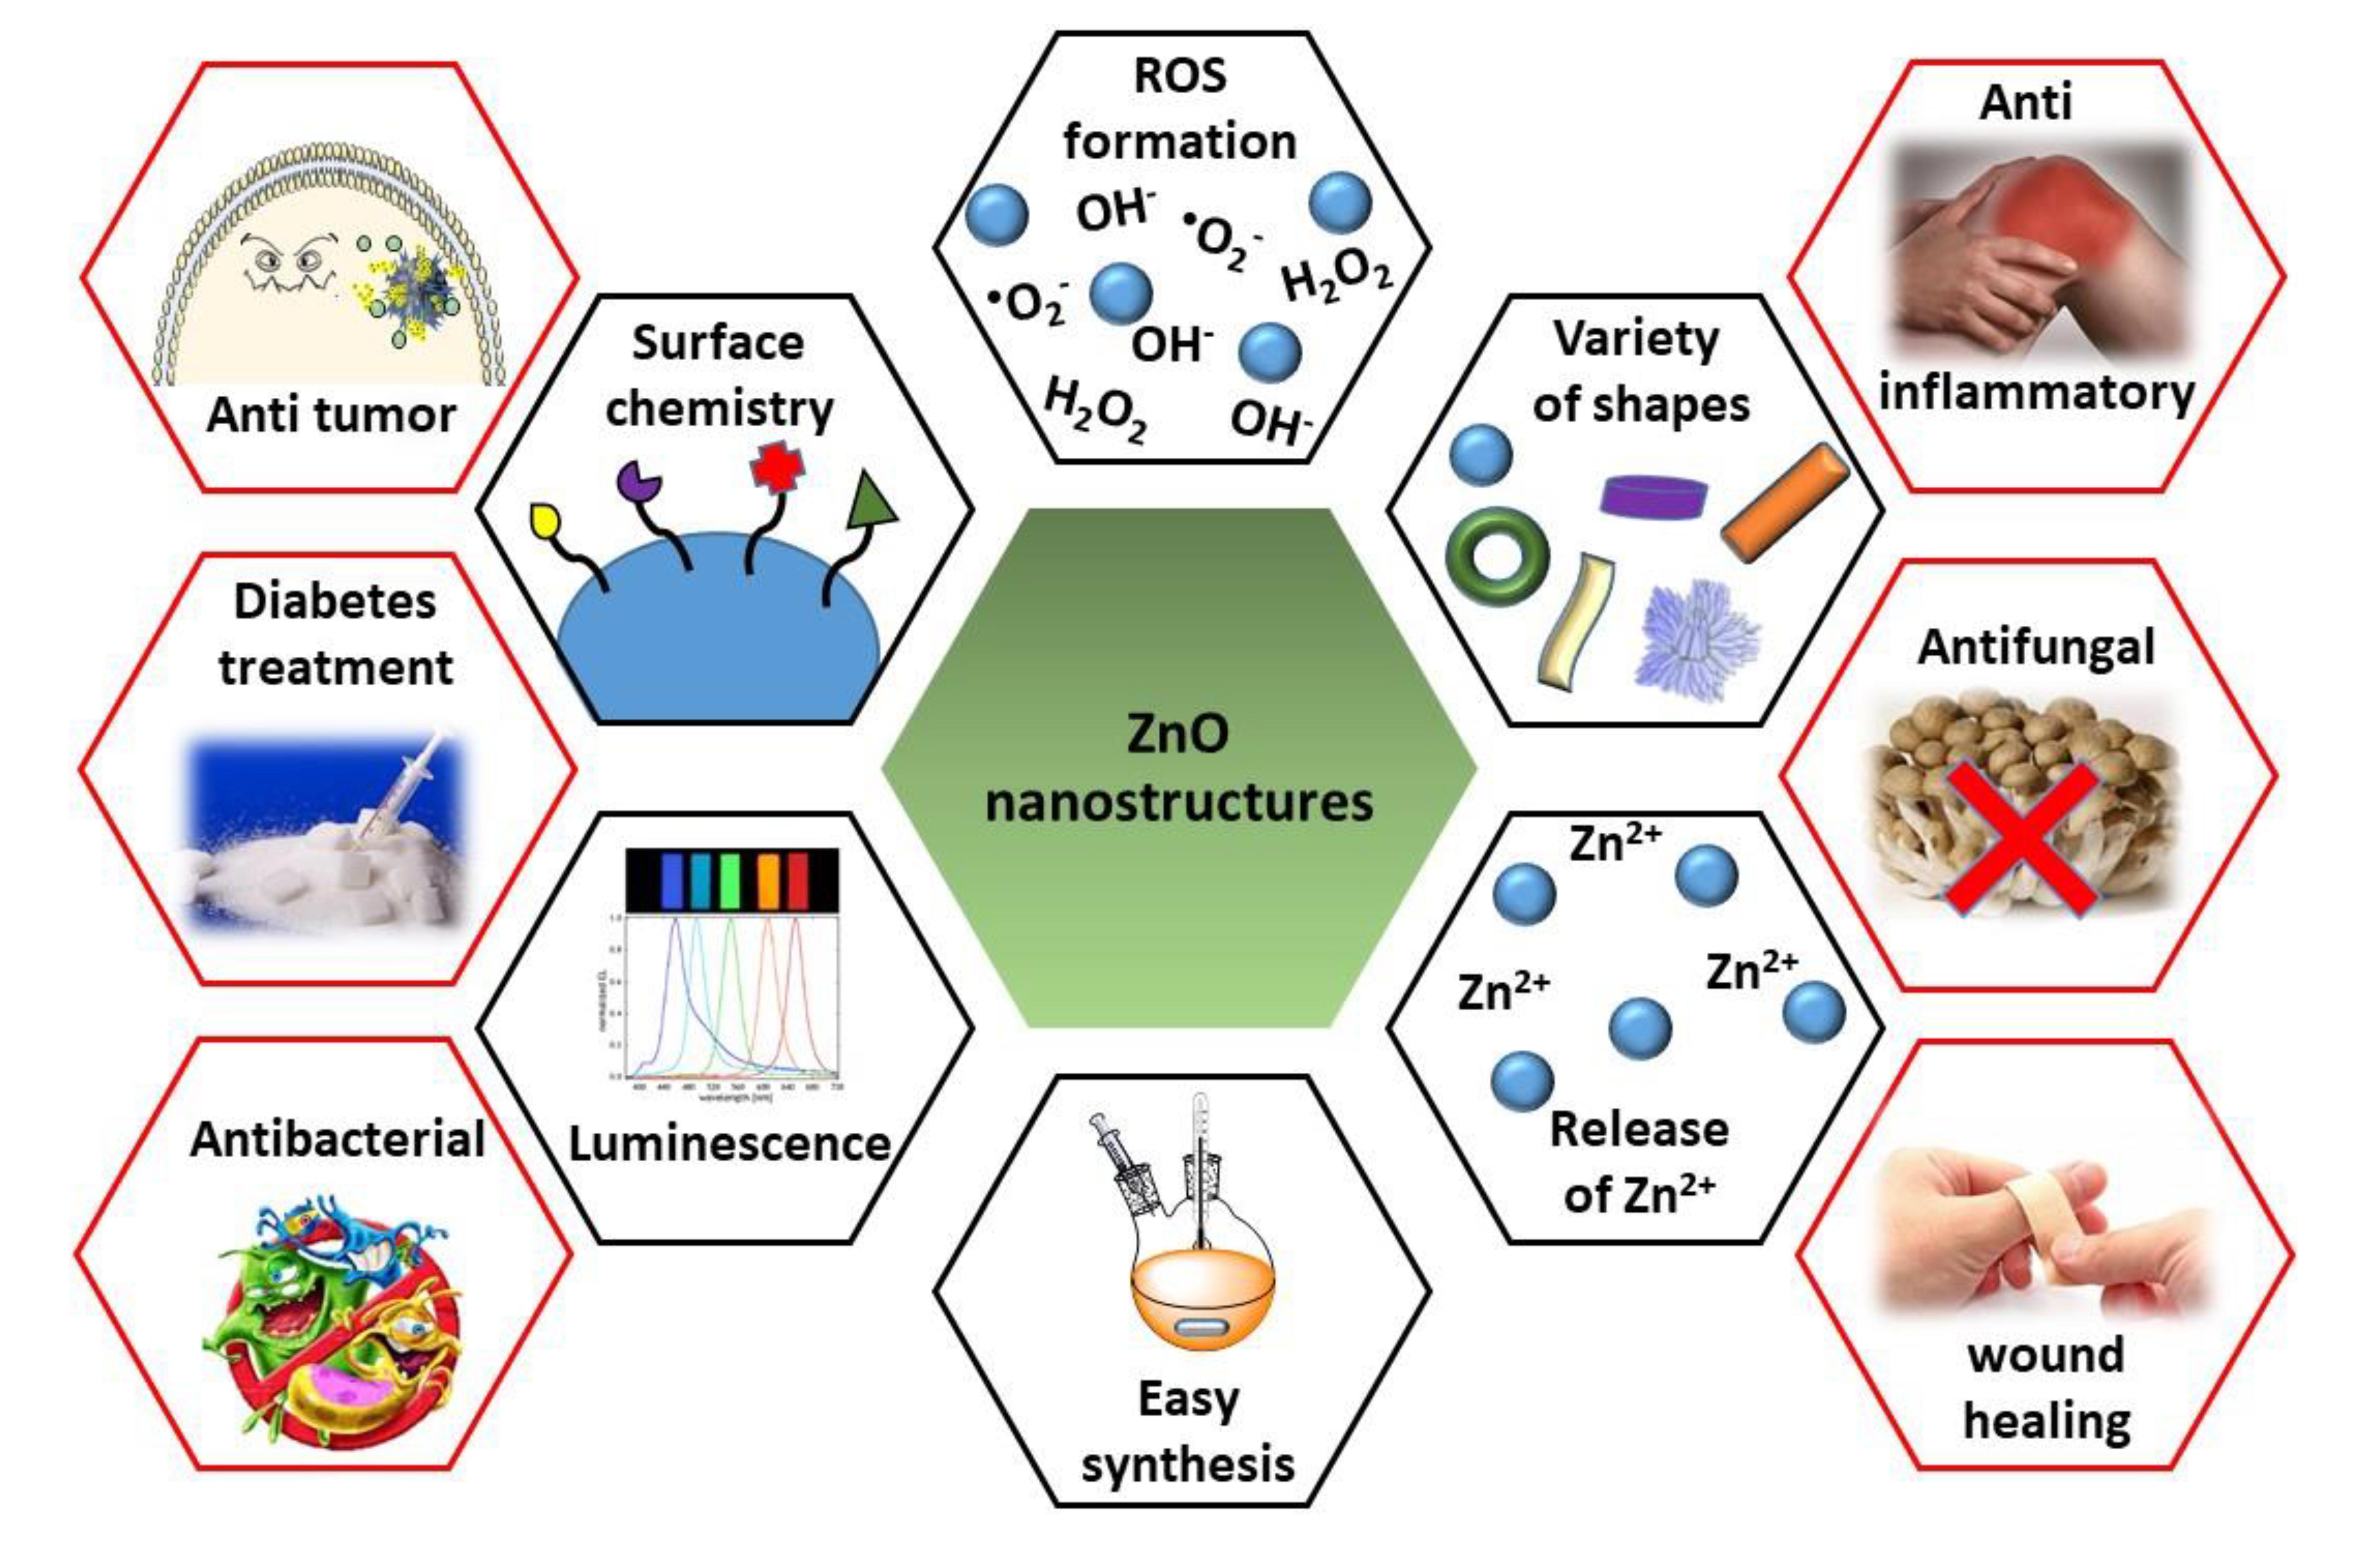 Nanomaterials   Free FullText   ZnO Nanostructures for